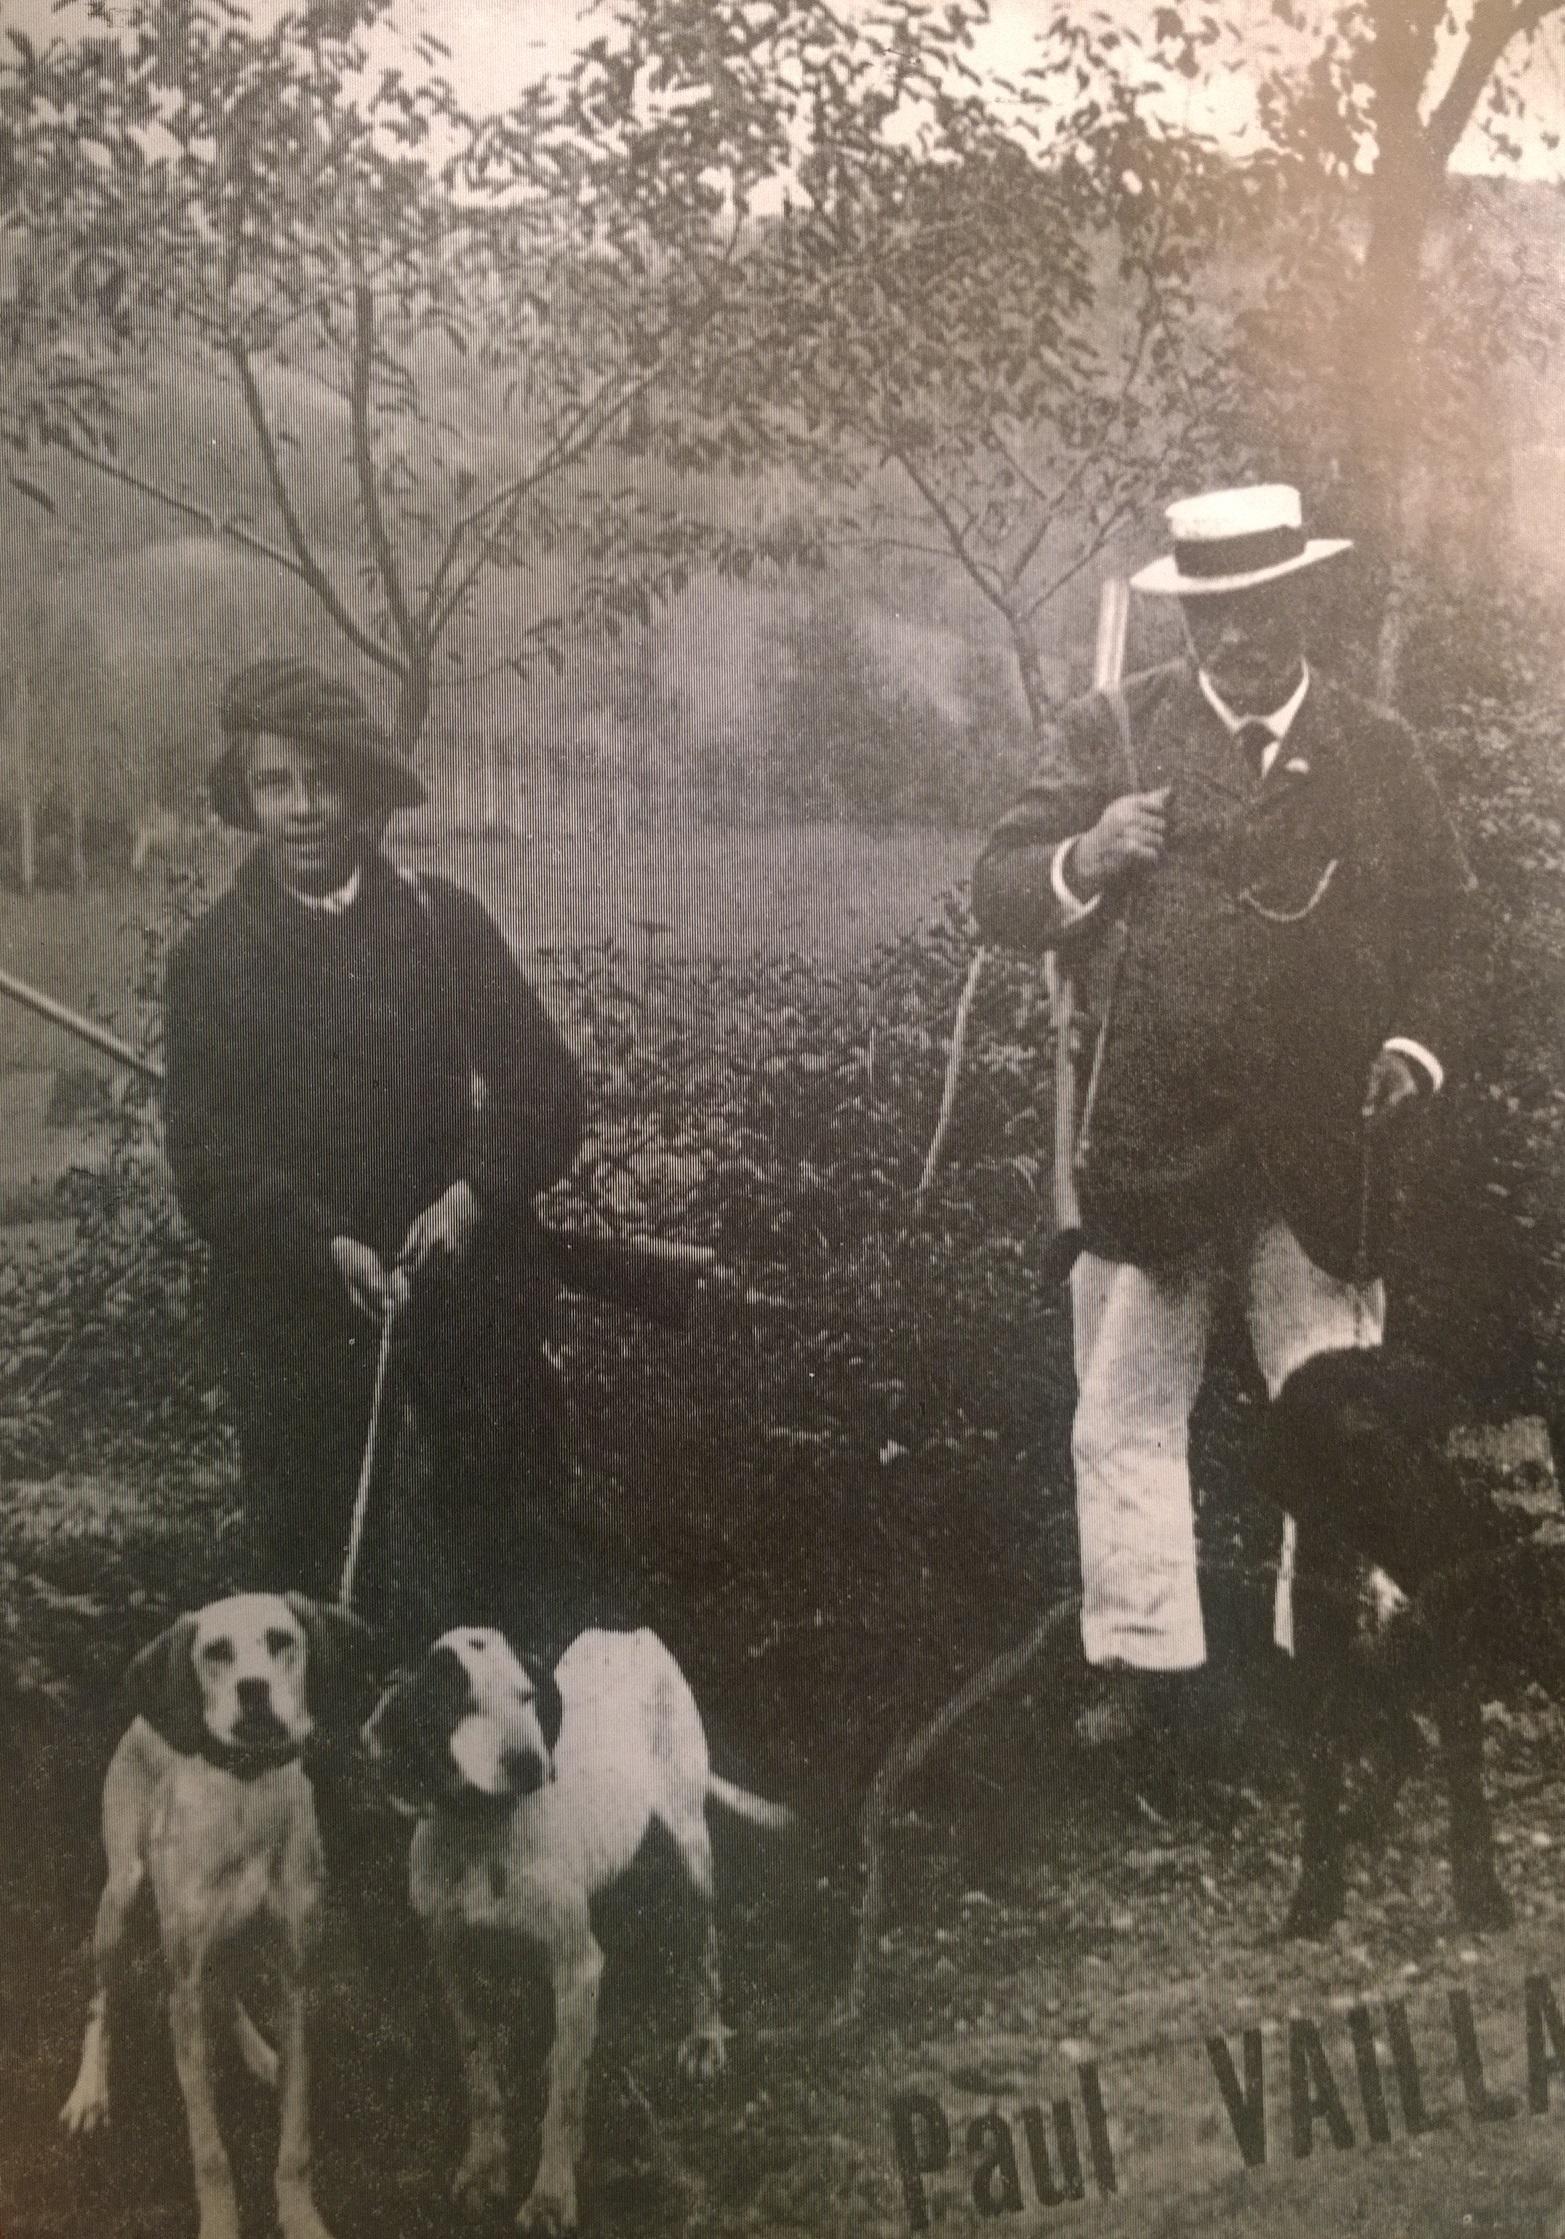 Подросток Поль Вайян-Кутюрье с отцом на охоте. Начало 1900-х годов